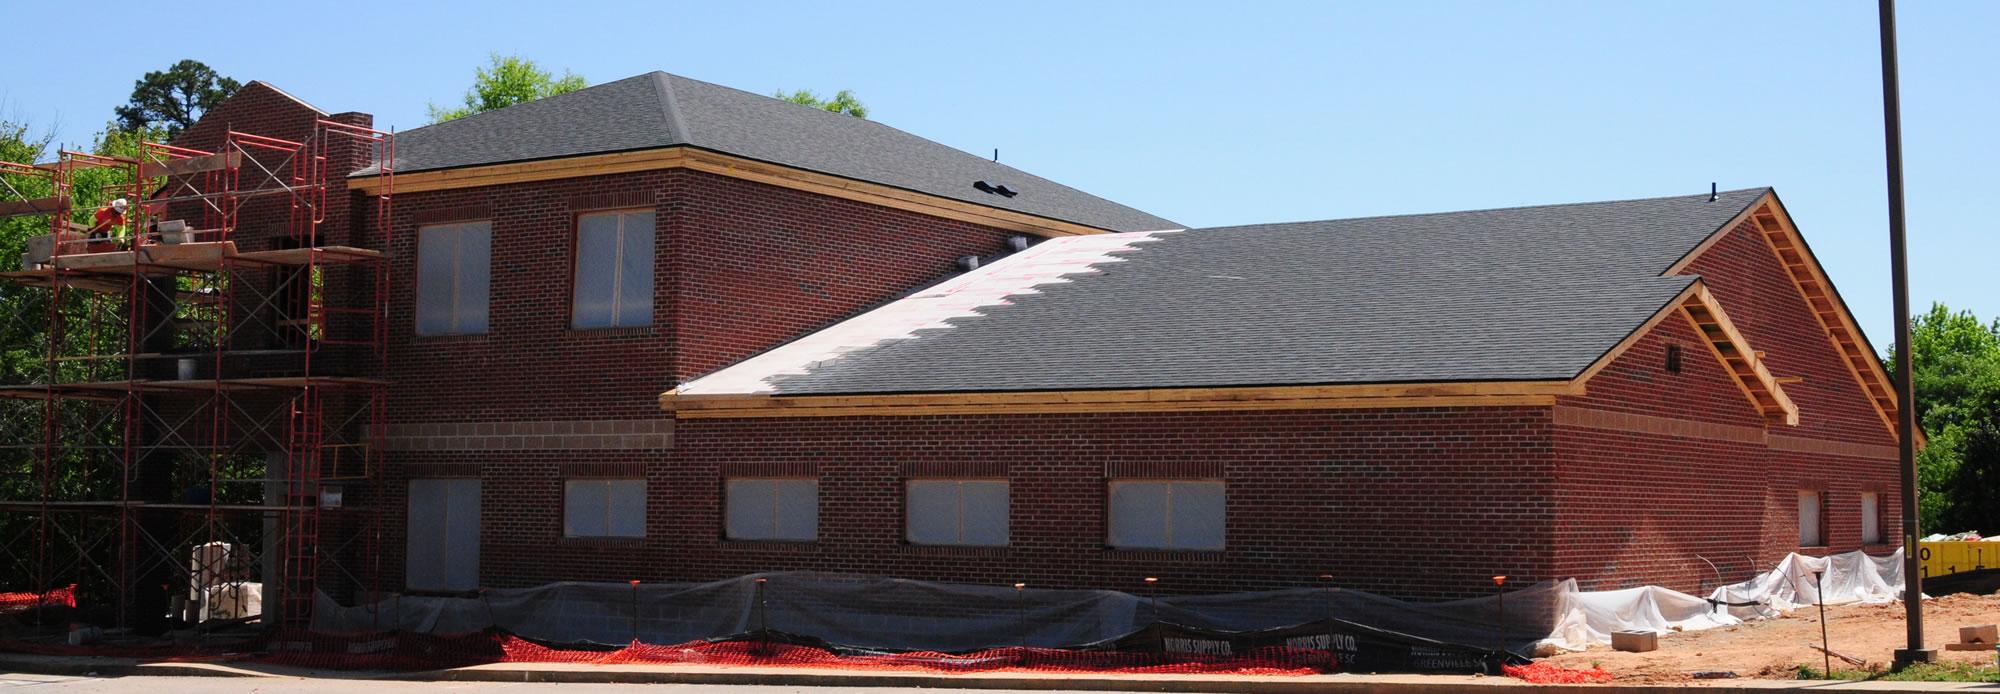 Palmetto Physical Medicine - Greenville, SC